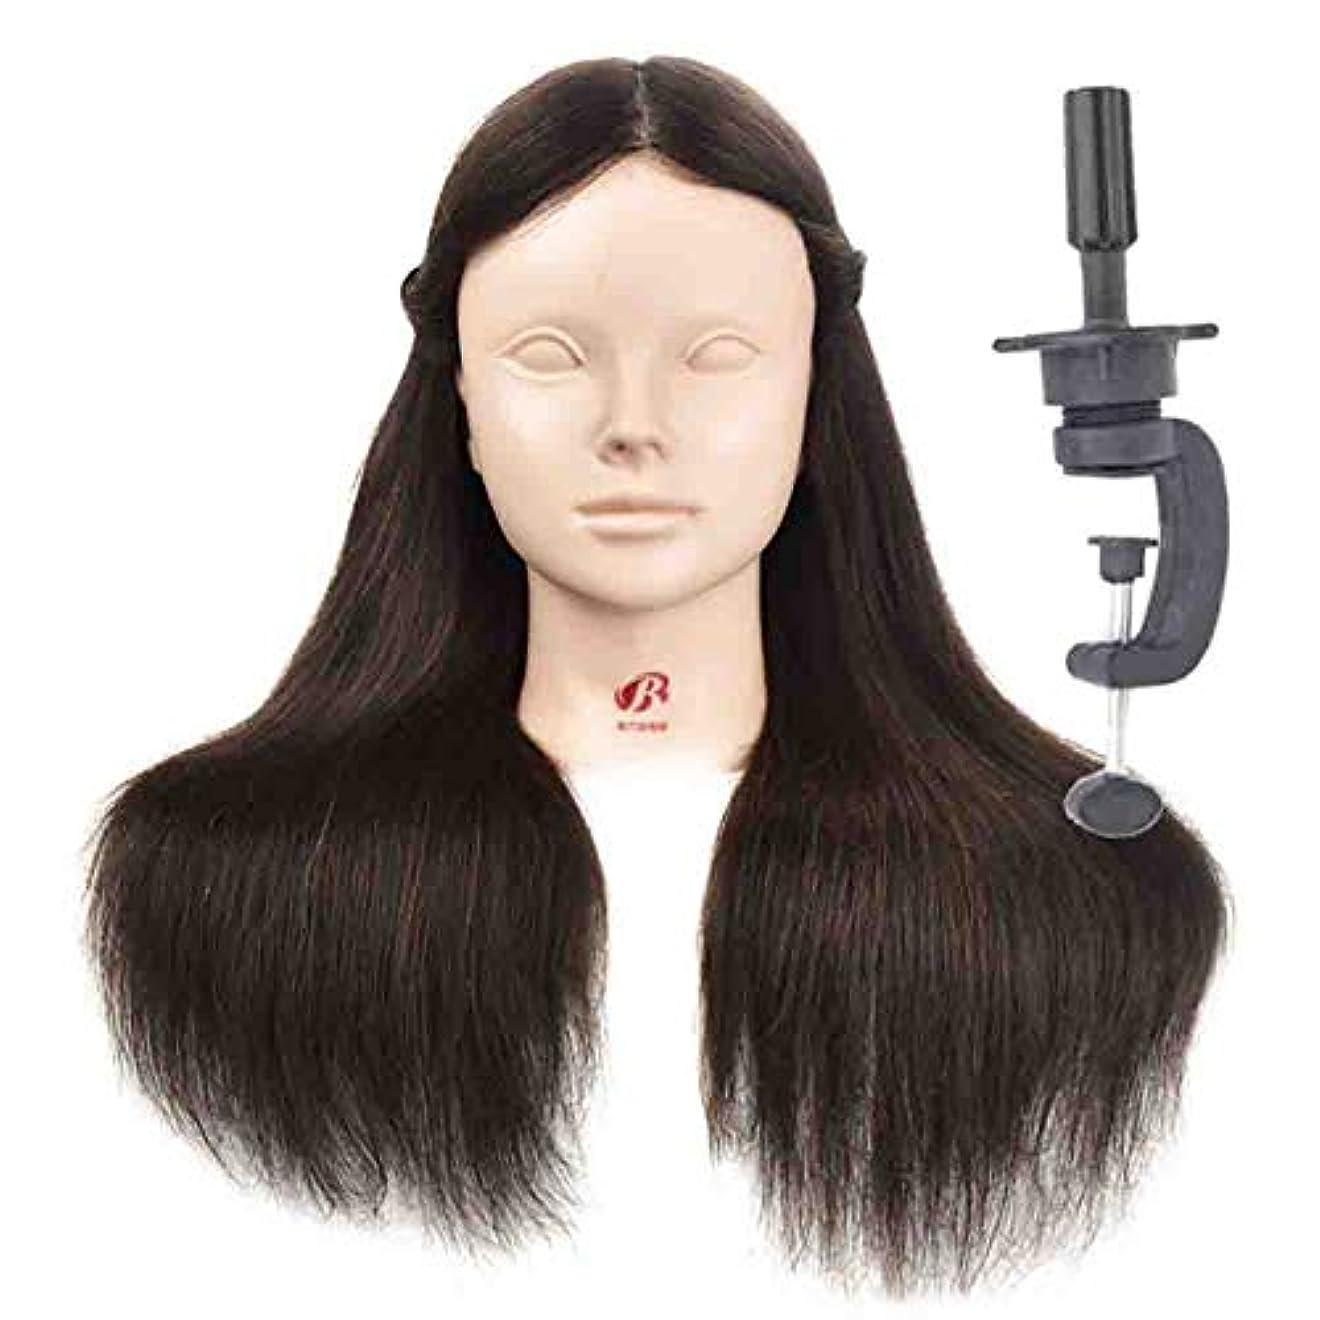 スカーフ桁パラナ川Makeup Modeling Learning Dummy Head Real Human Hair Practice Head Model Hair Salon Model Head Can be Hot Dyed